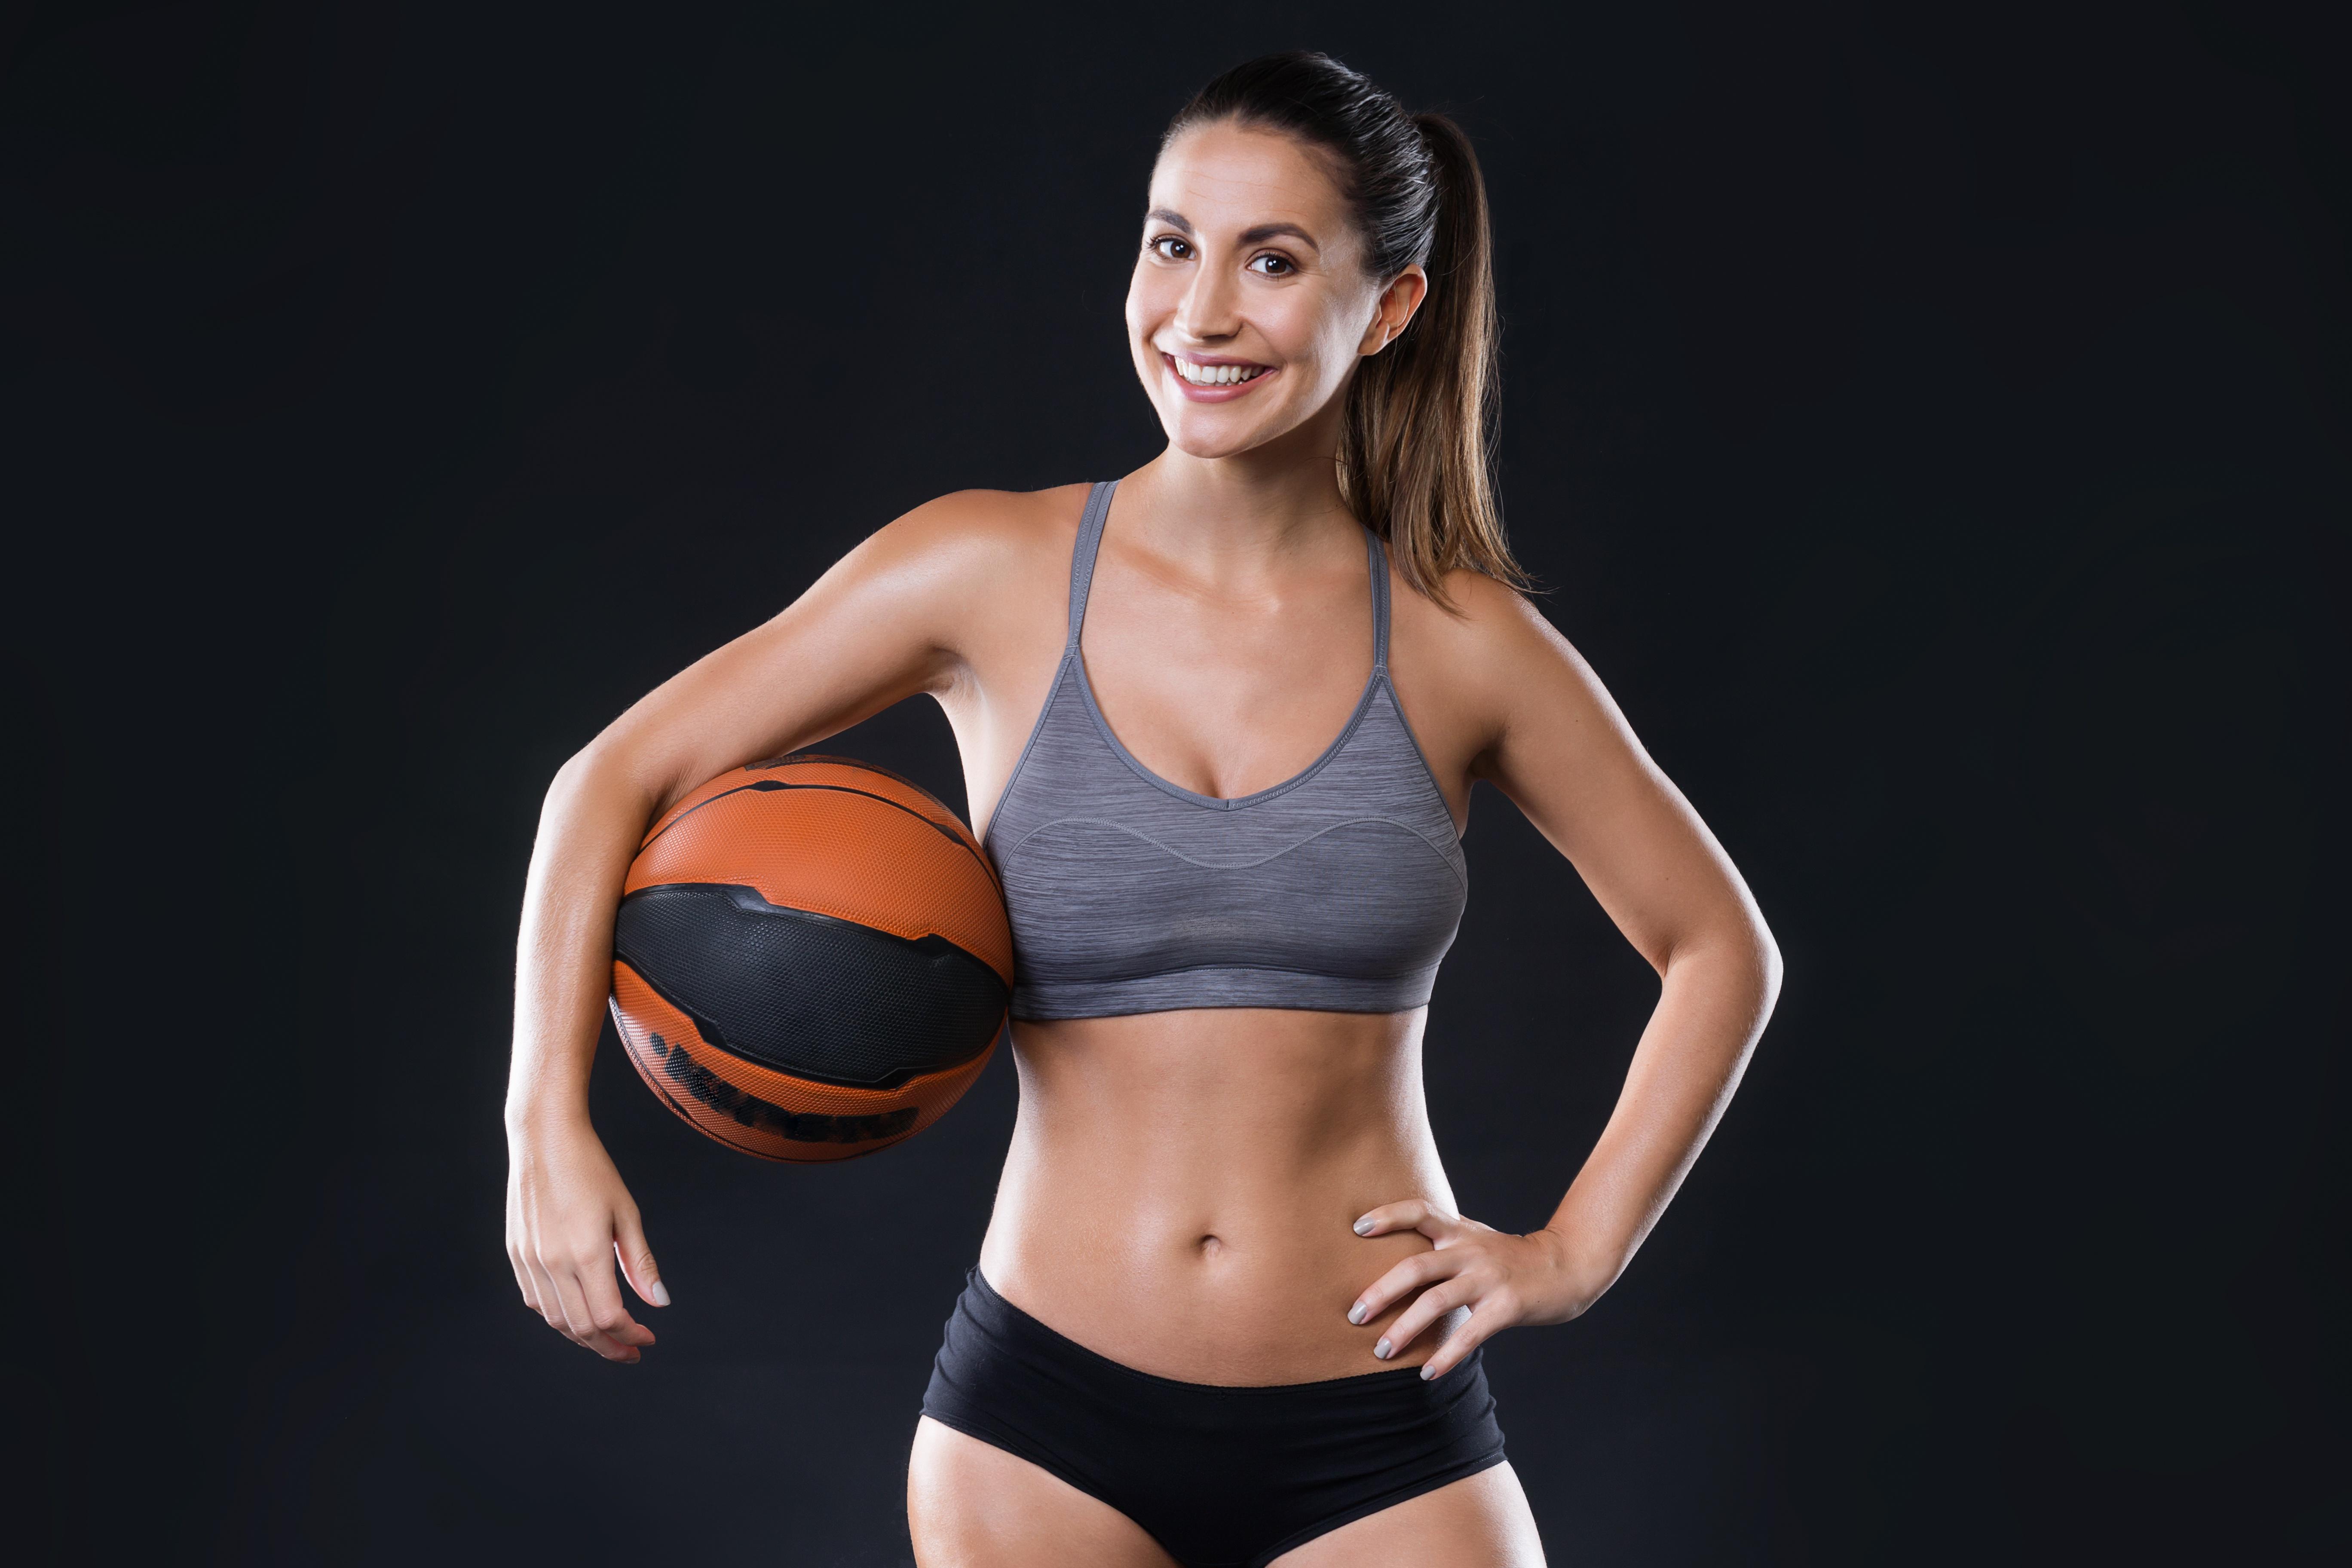 Картинка спортсменки в баскетболе